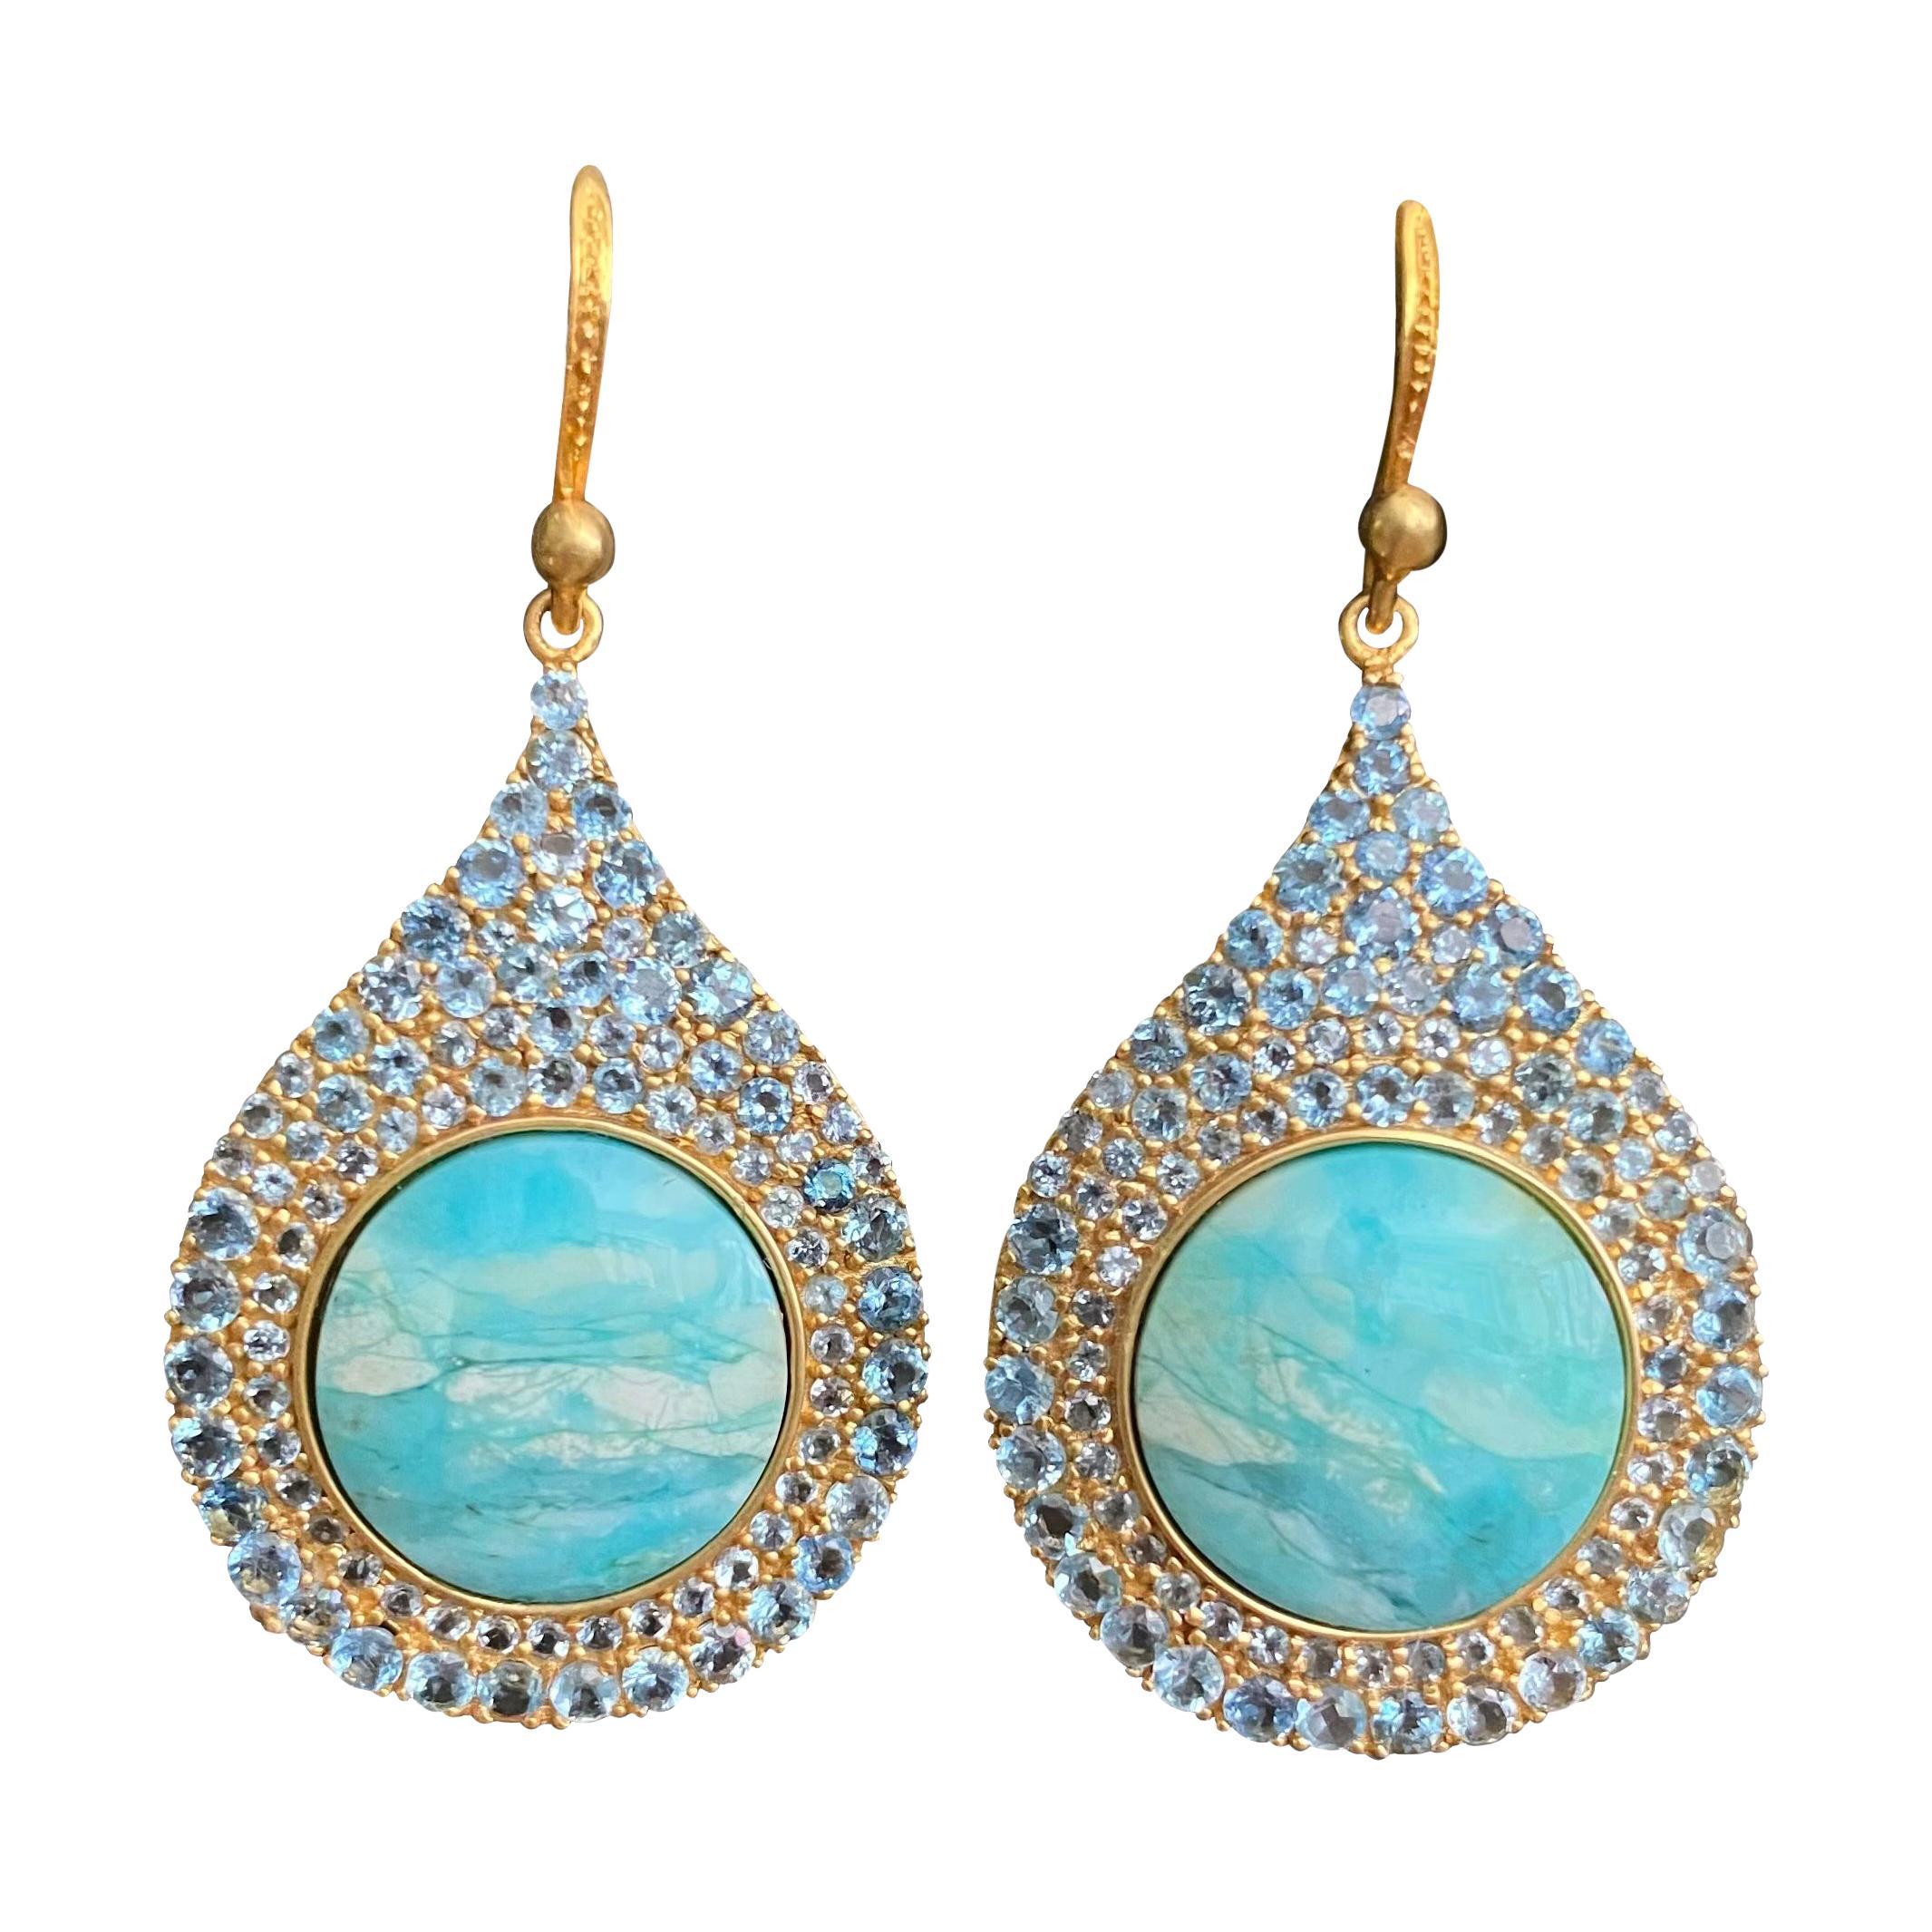 Aquamarine Petrified Opalized Wood 18kt Gold Earrings by Lauren Harper